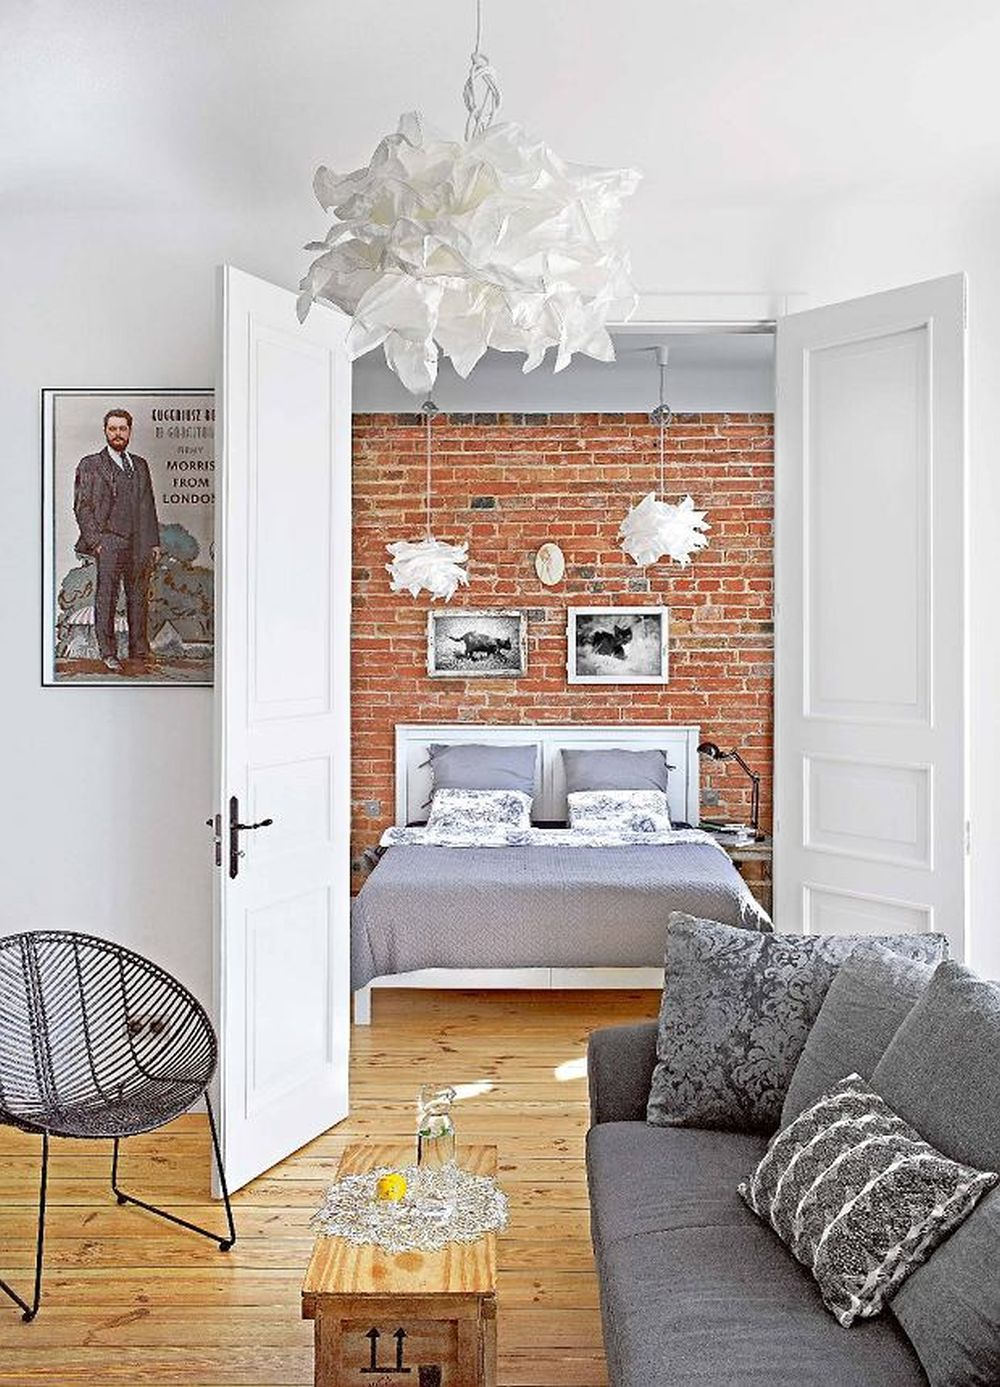 adelaparvu.com despre apartament de 2 camere, 50 mp, Polonia, designer Kamila Kuboth-Schuchardt, Foto Michał Mutor (8)